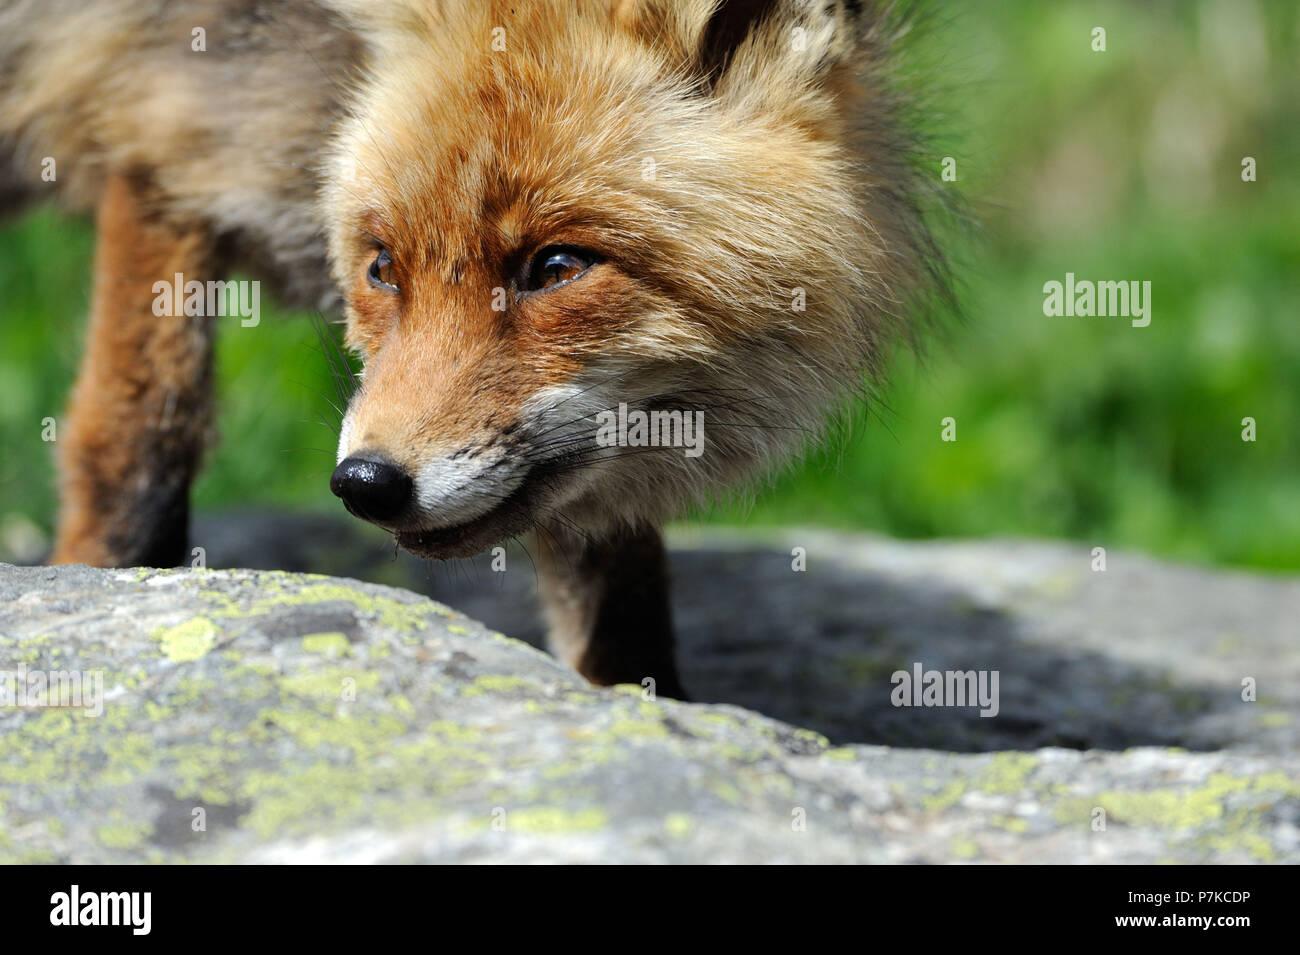 Fox, Red Fox Fox di montagna Immagini Stock